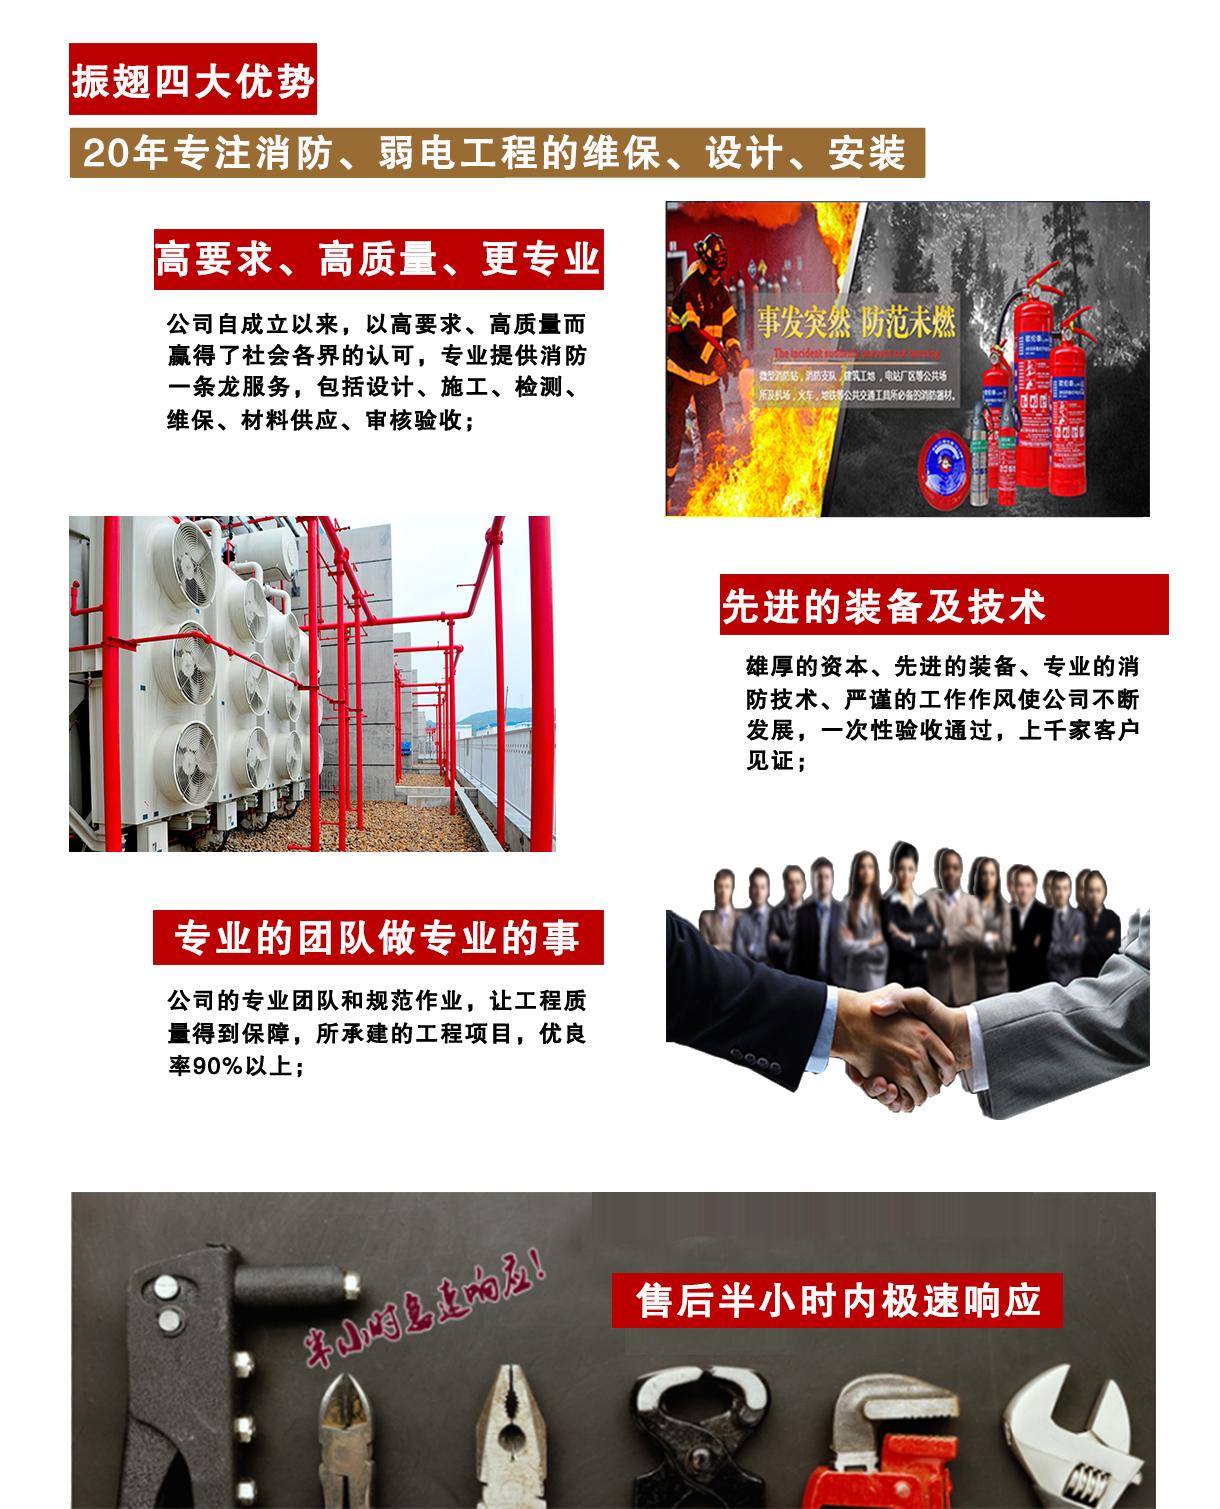 振翅消防20年专注重庆消防工程、重庆消防调试、重庆消防设计、弱电工程等服务项目。优势:1、高要求、高质量、更专业。2、先进的装备及技术。3、专业的团队做专业的事。4、售后半小时内急速响应。